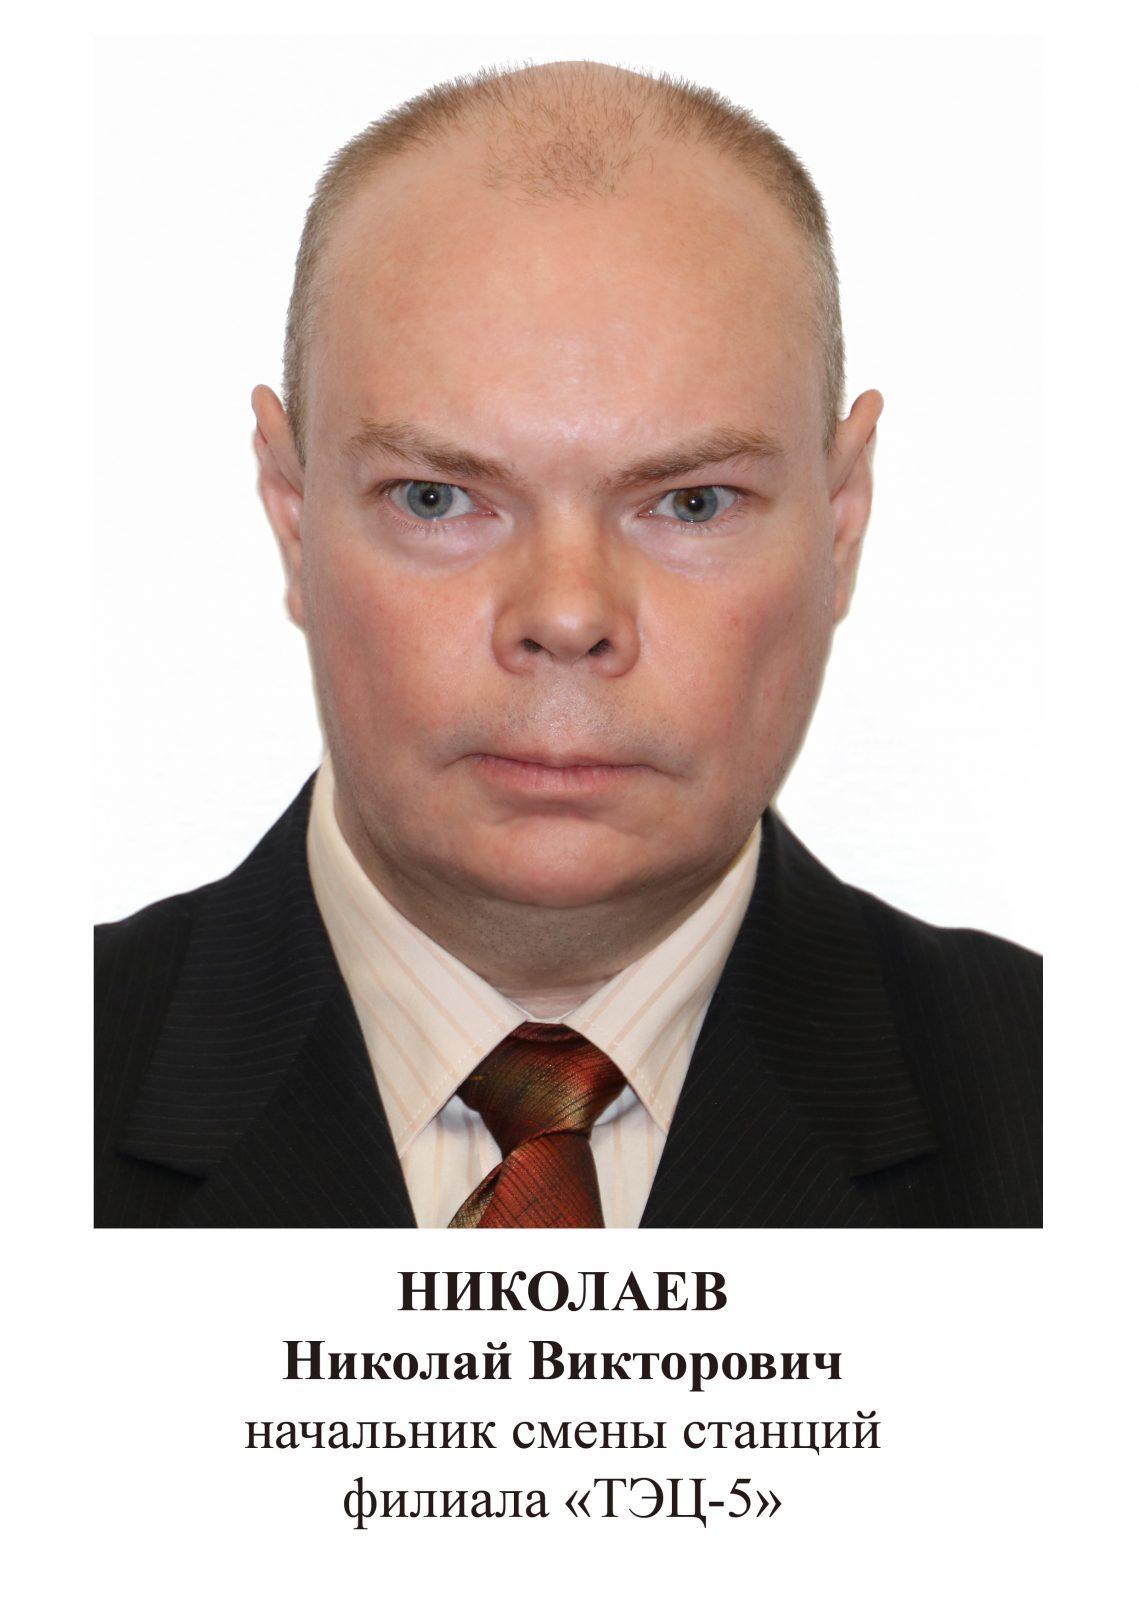 Николаев Николай Викторович